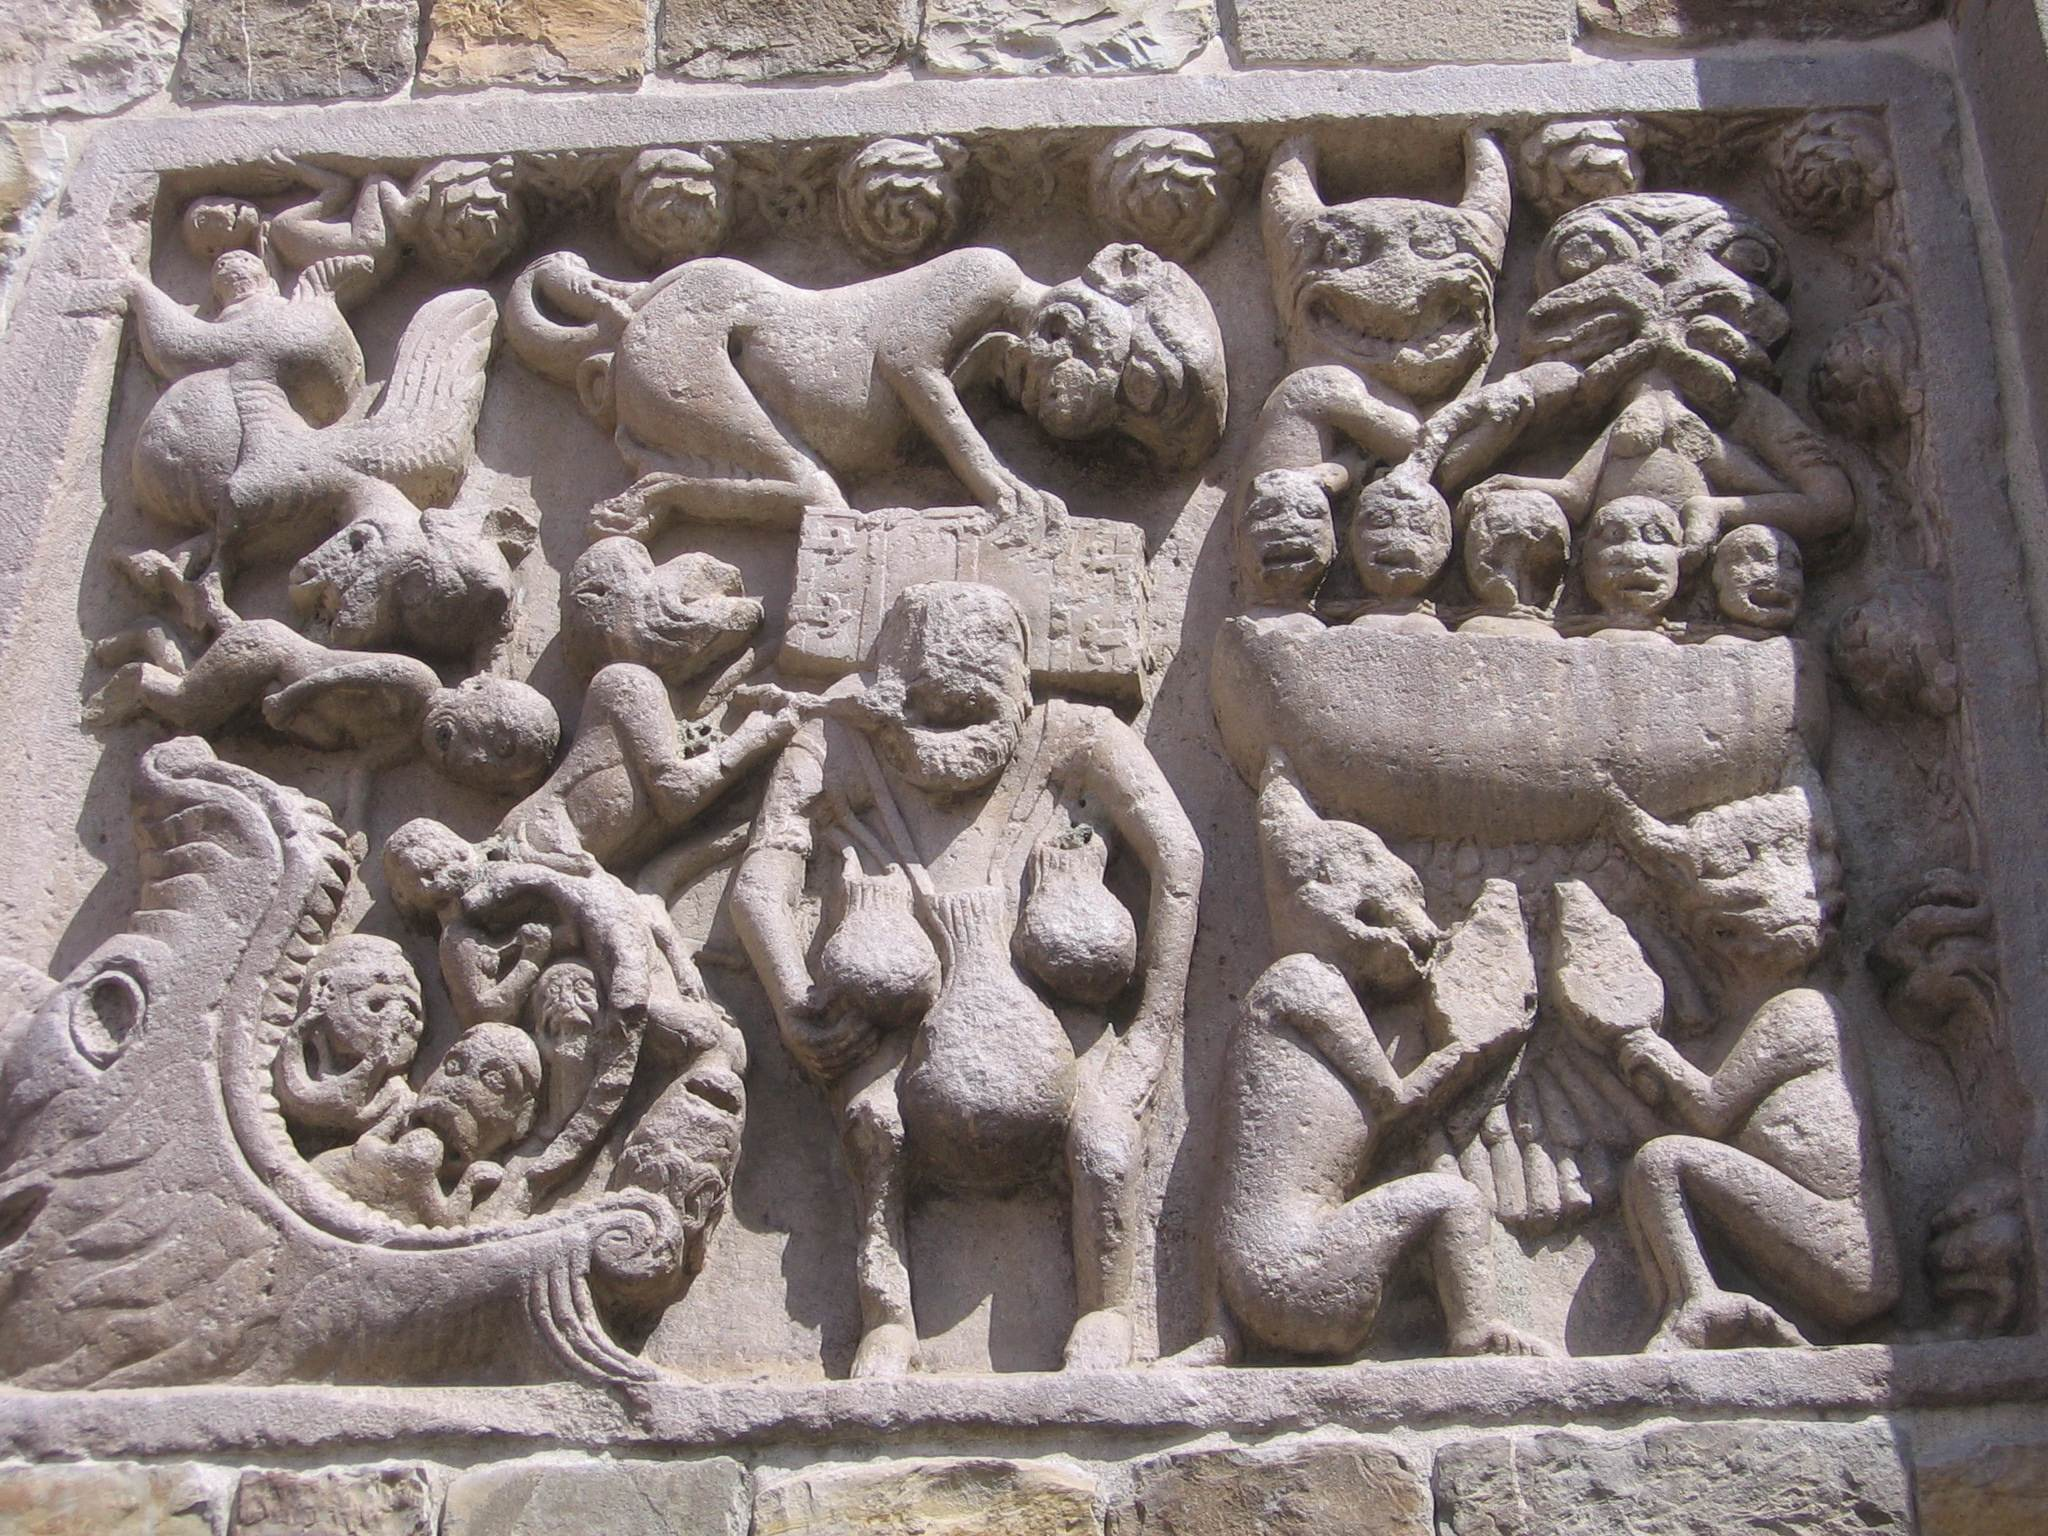 Fornovo_di_Taro_chisa_santa_maria_assunta_inferno-fine-del-secolo-xii